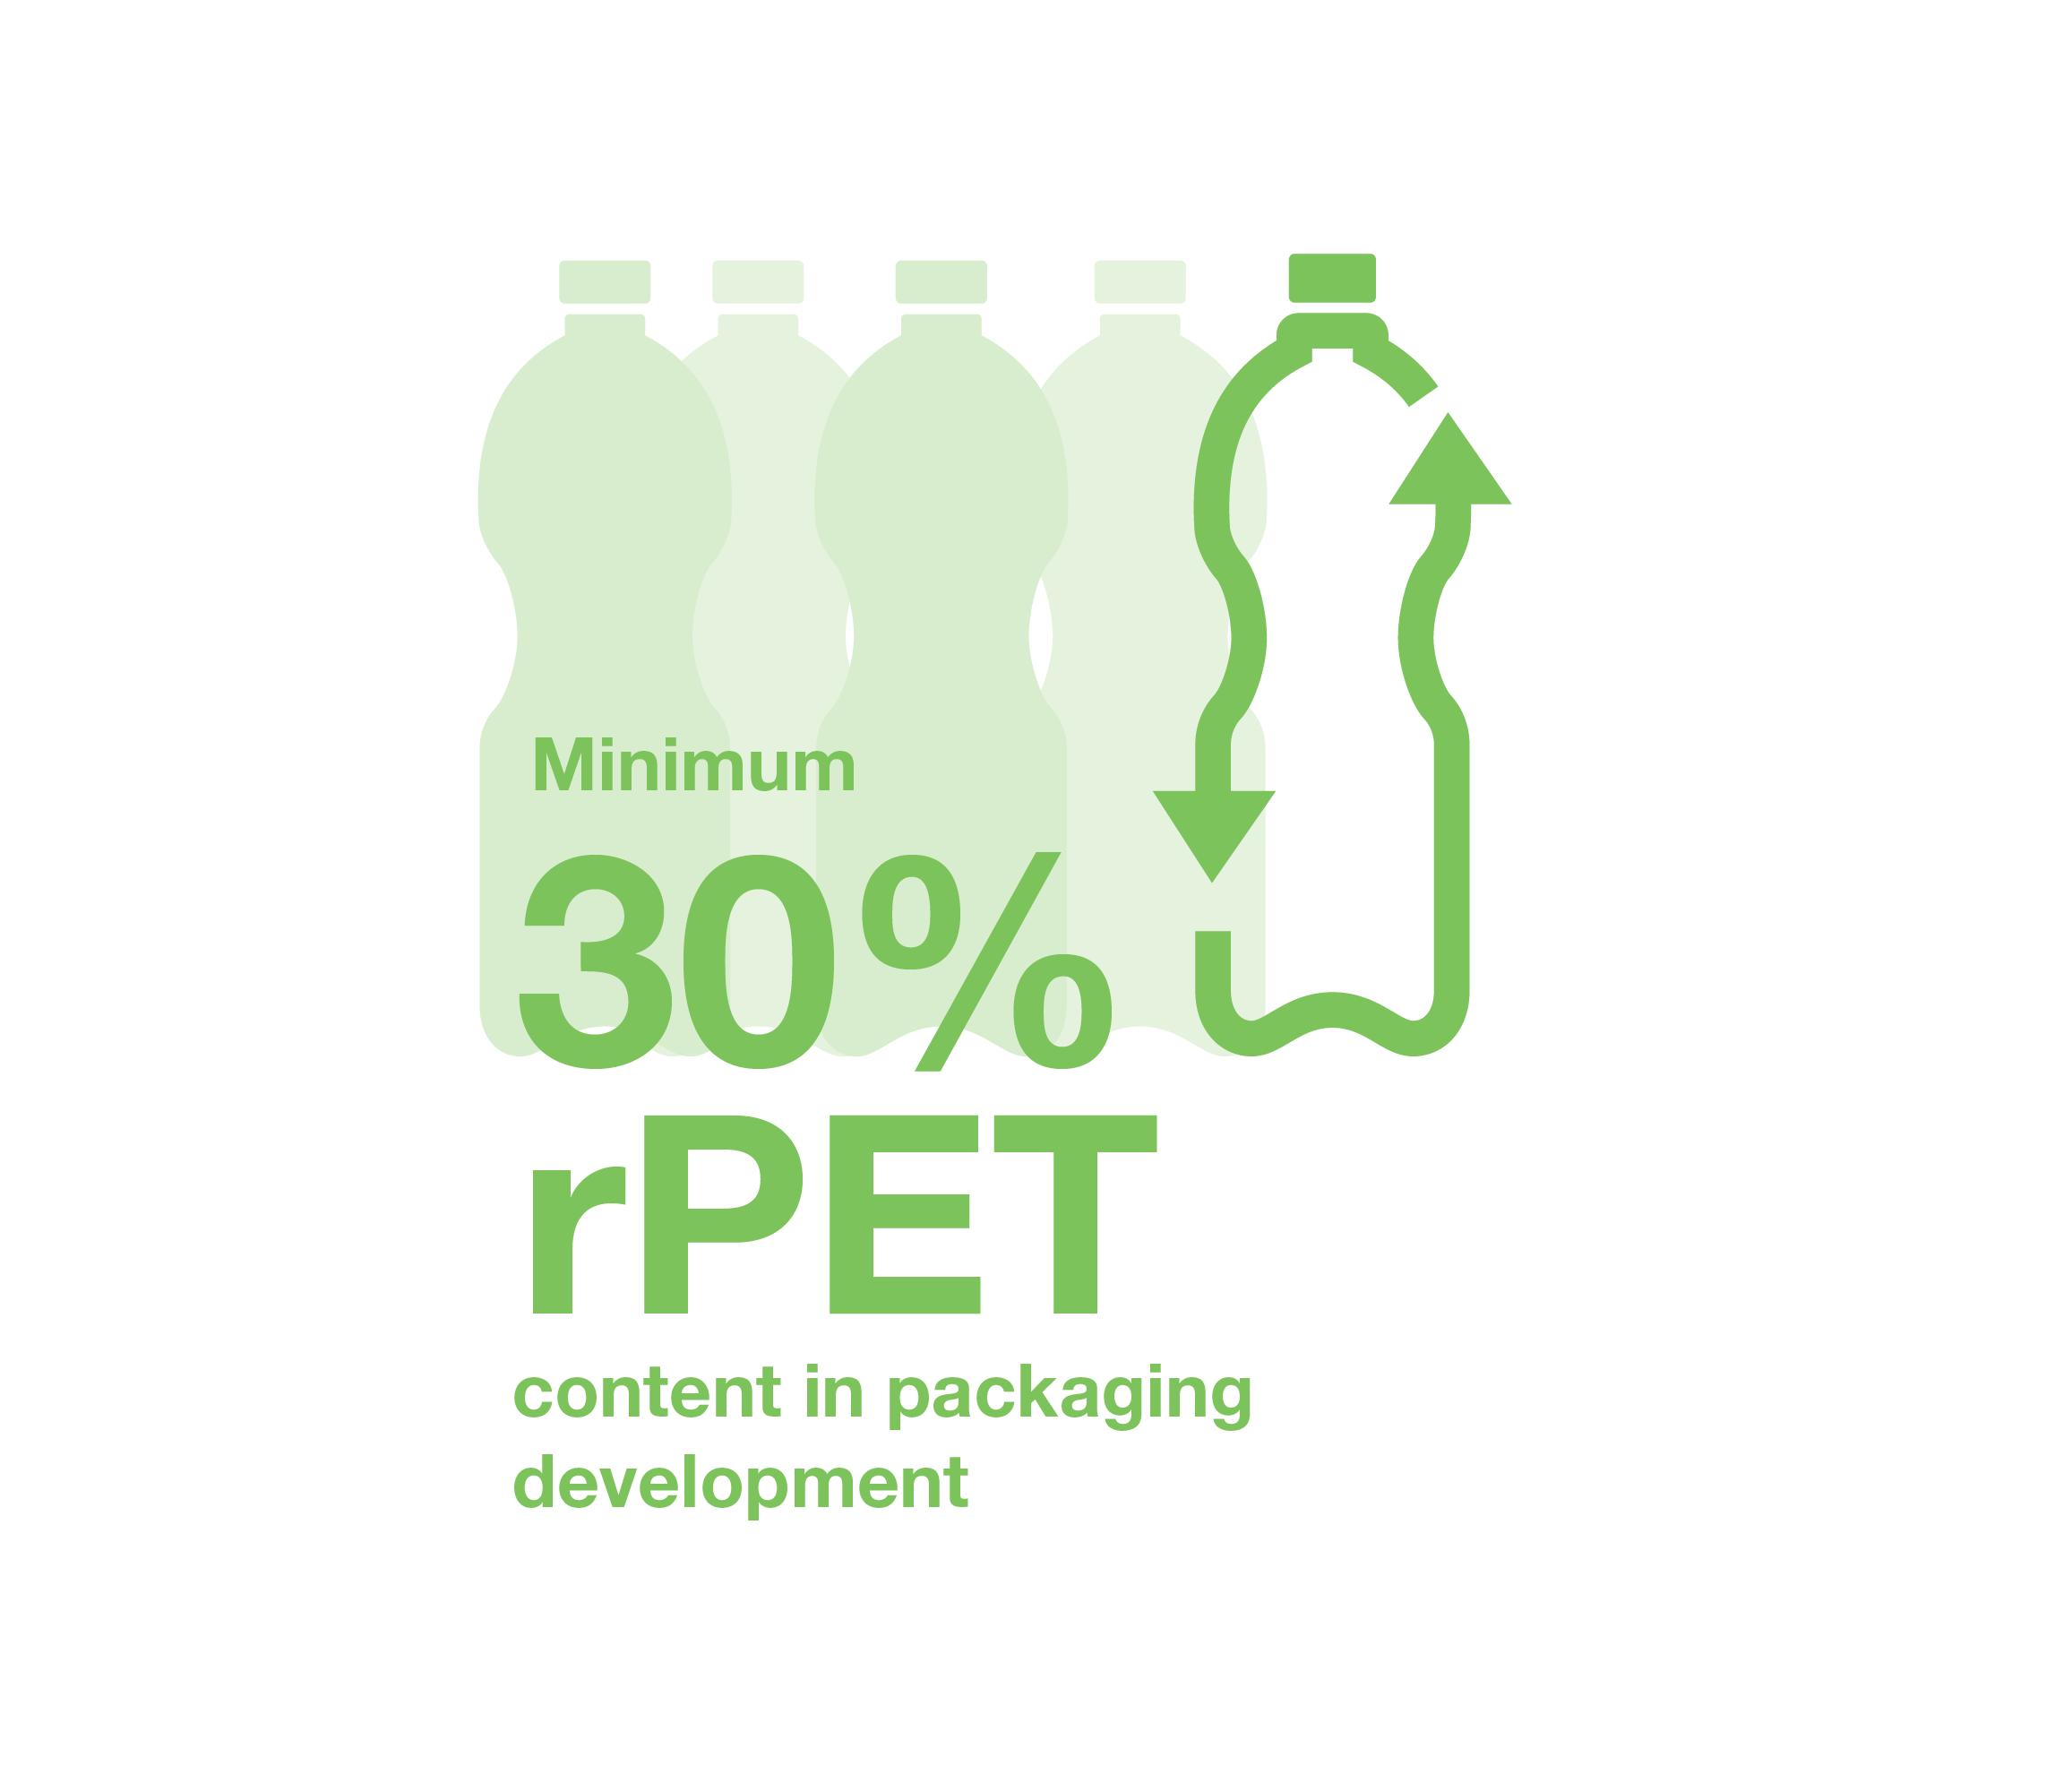 Illustration: Minimum 30% rPet content